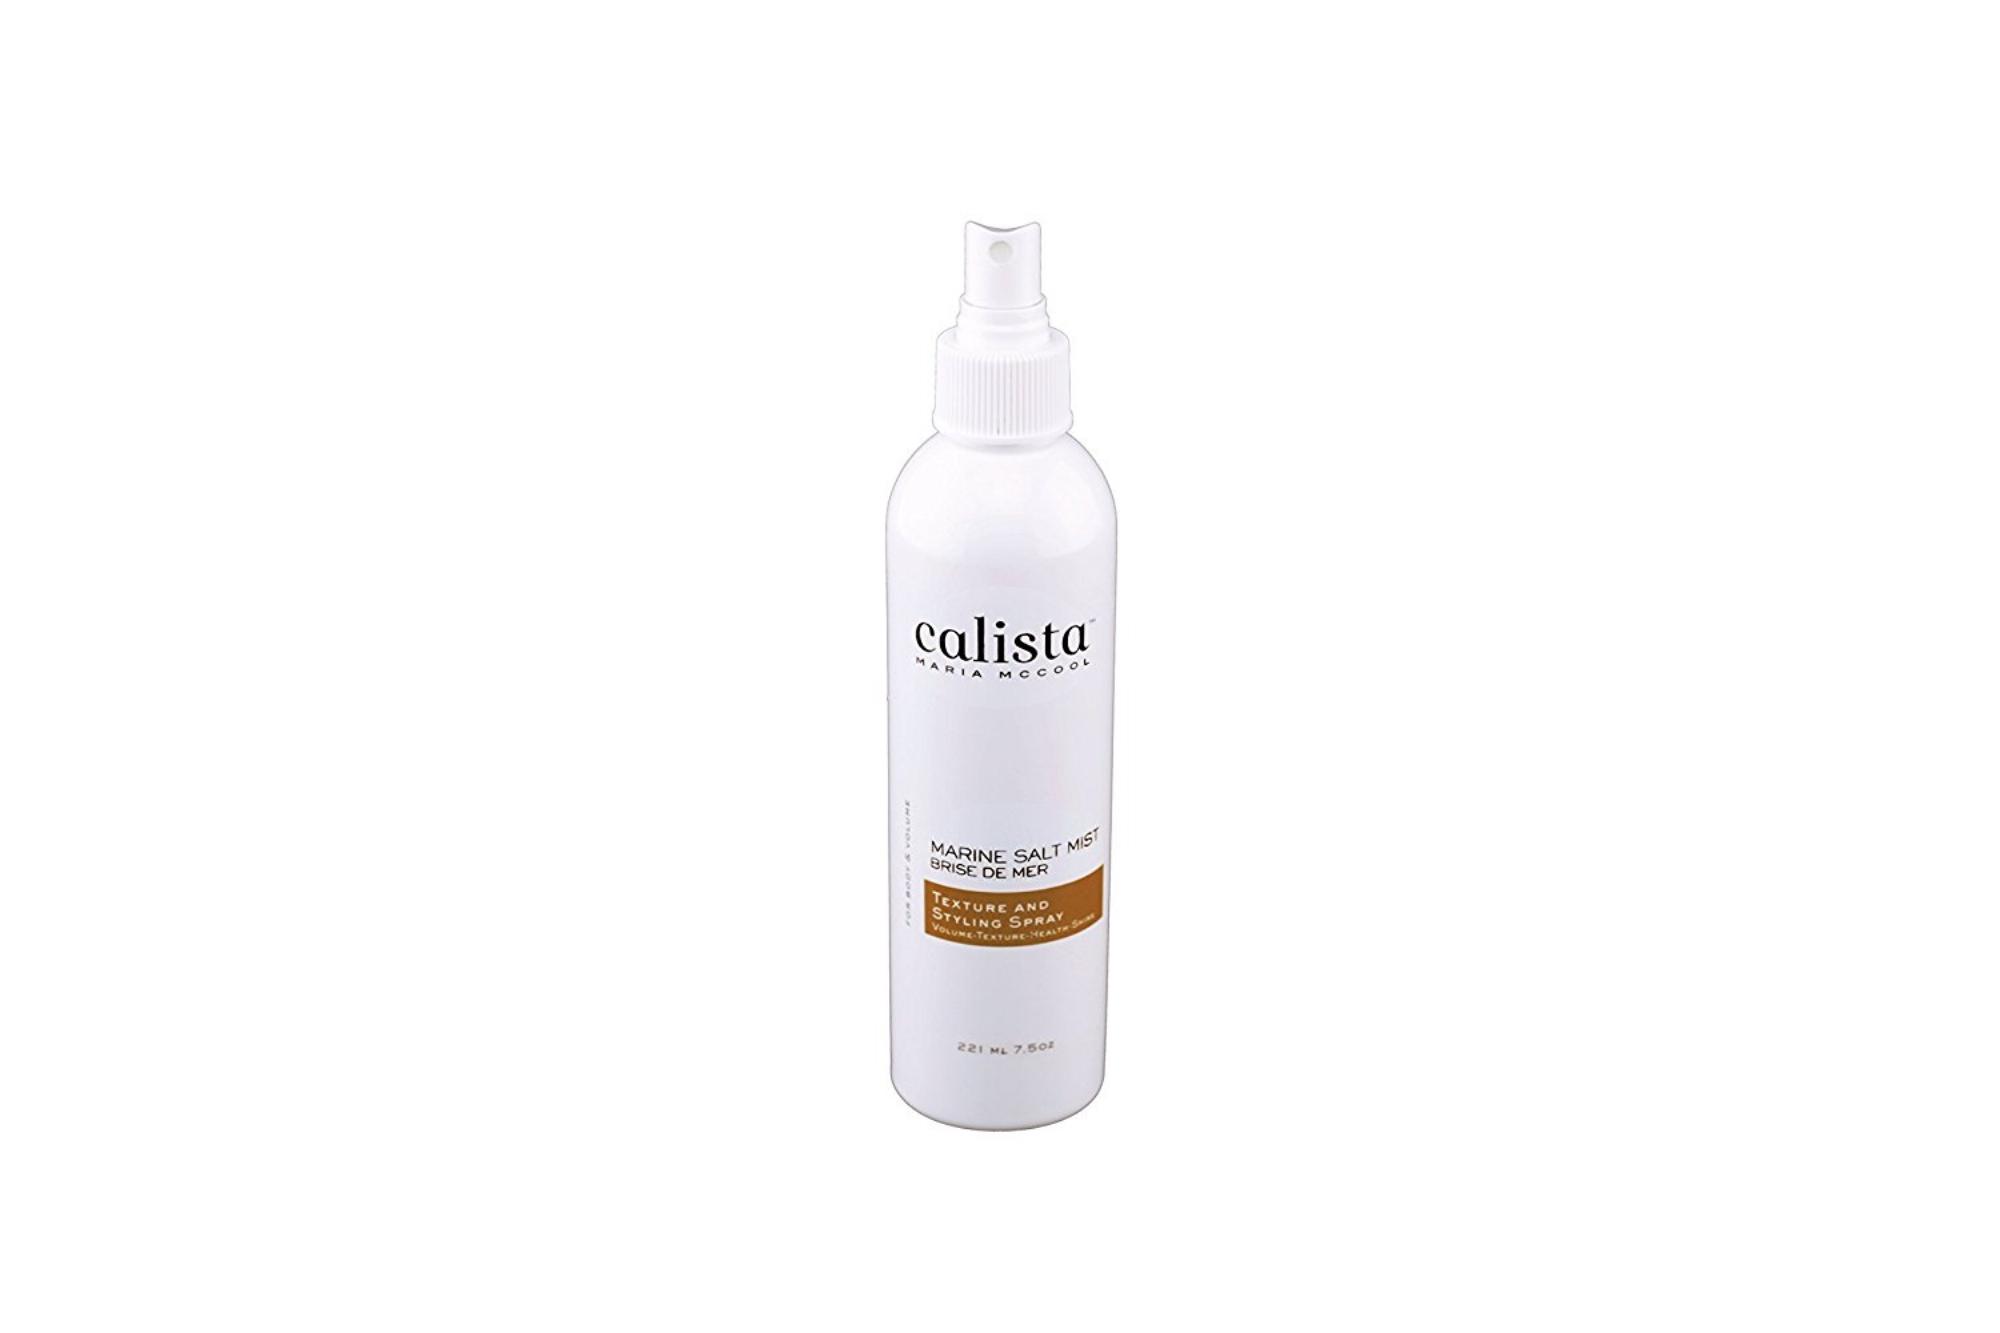 calista marine salt spray anna kooiman beach waves how to get beach waves how to get beachy hair beach